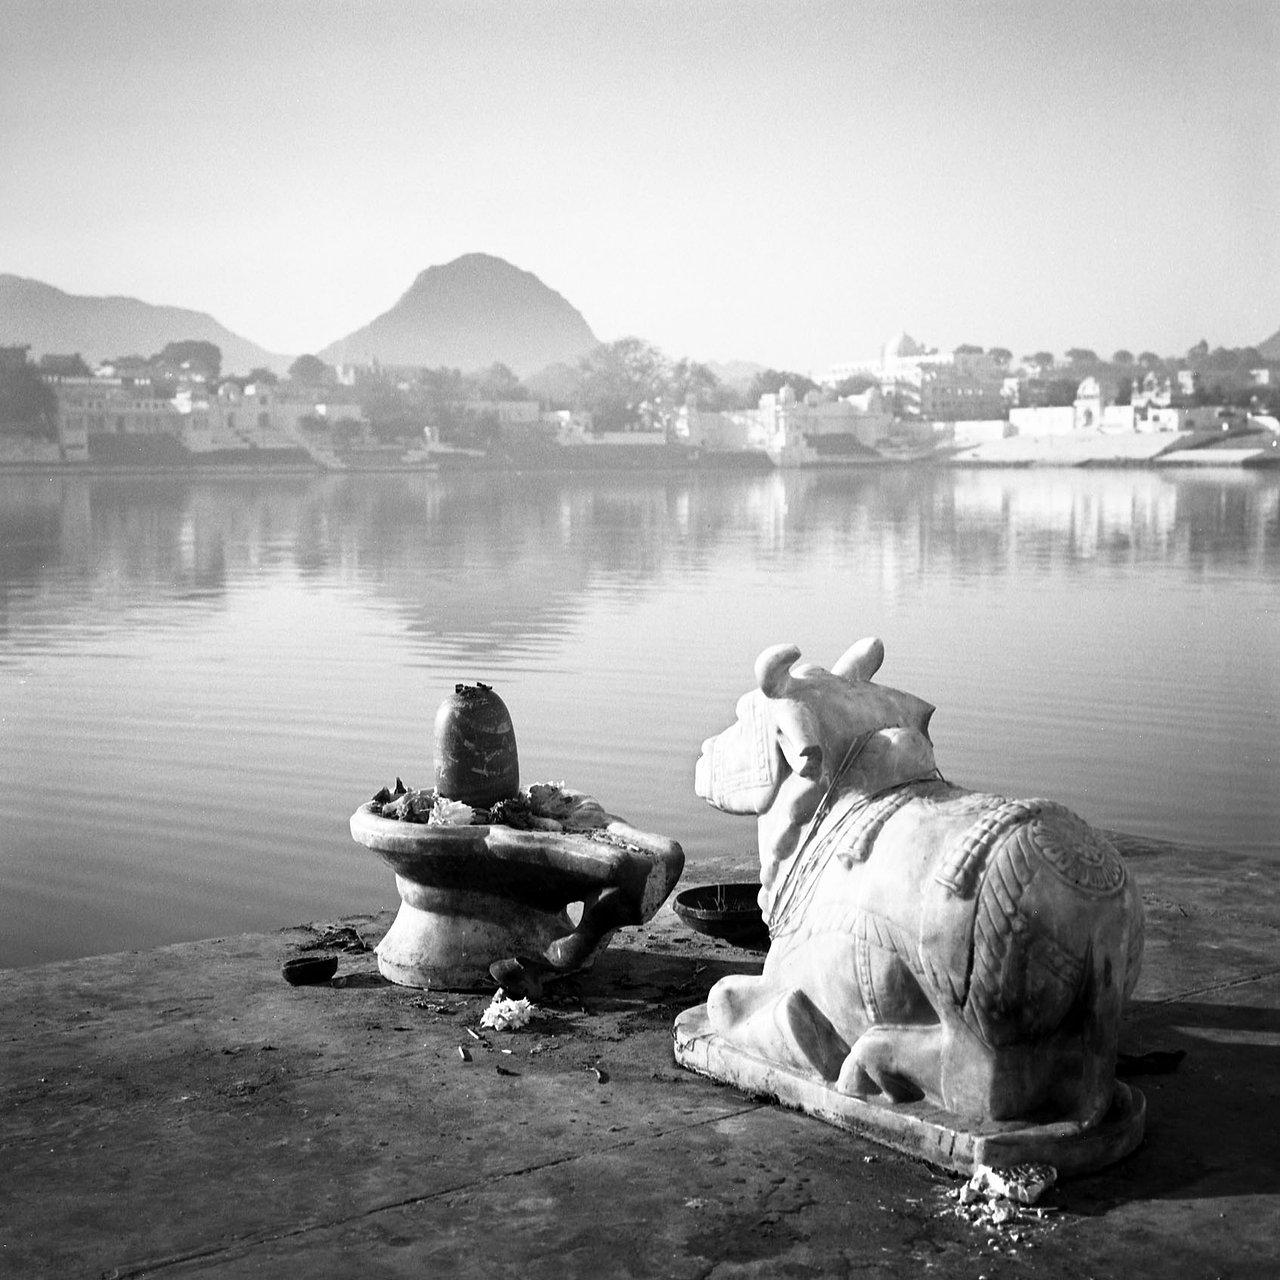 Nandi, Rajasthan